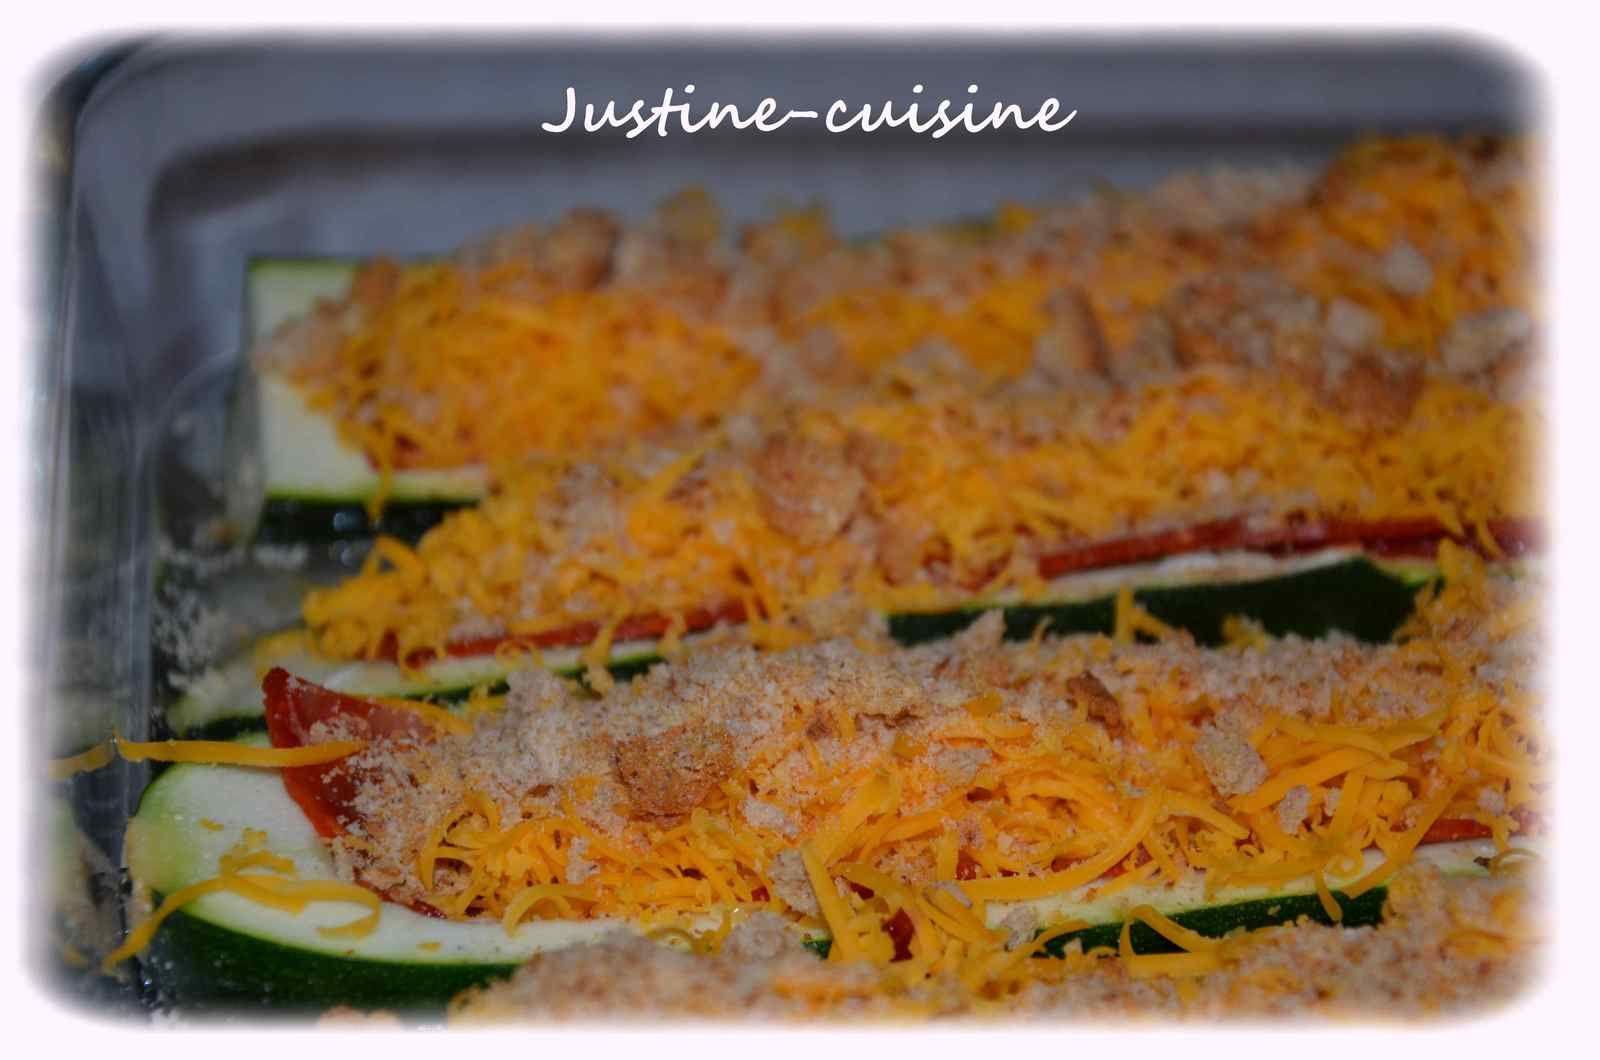 Courgette'pizza